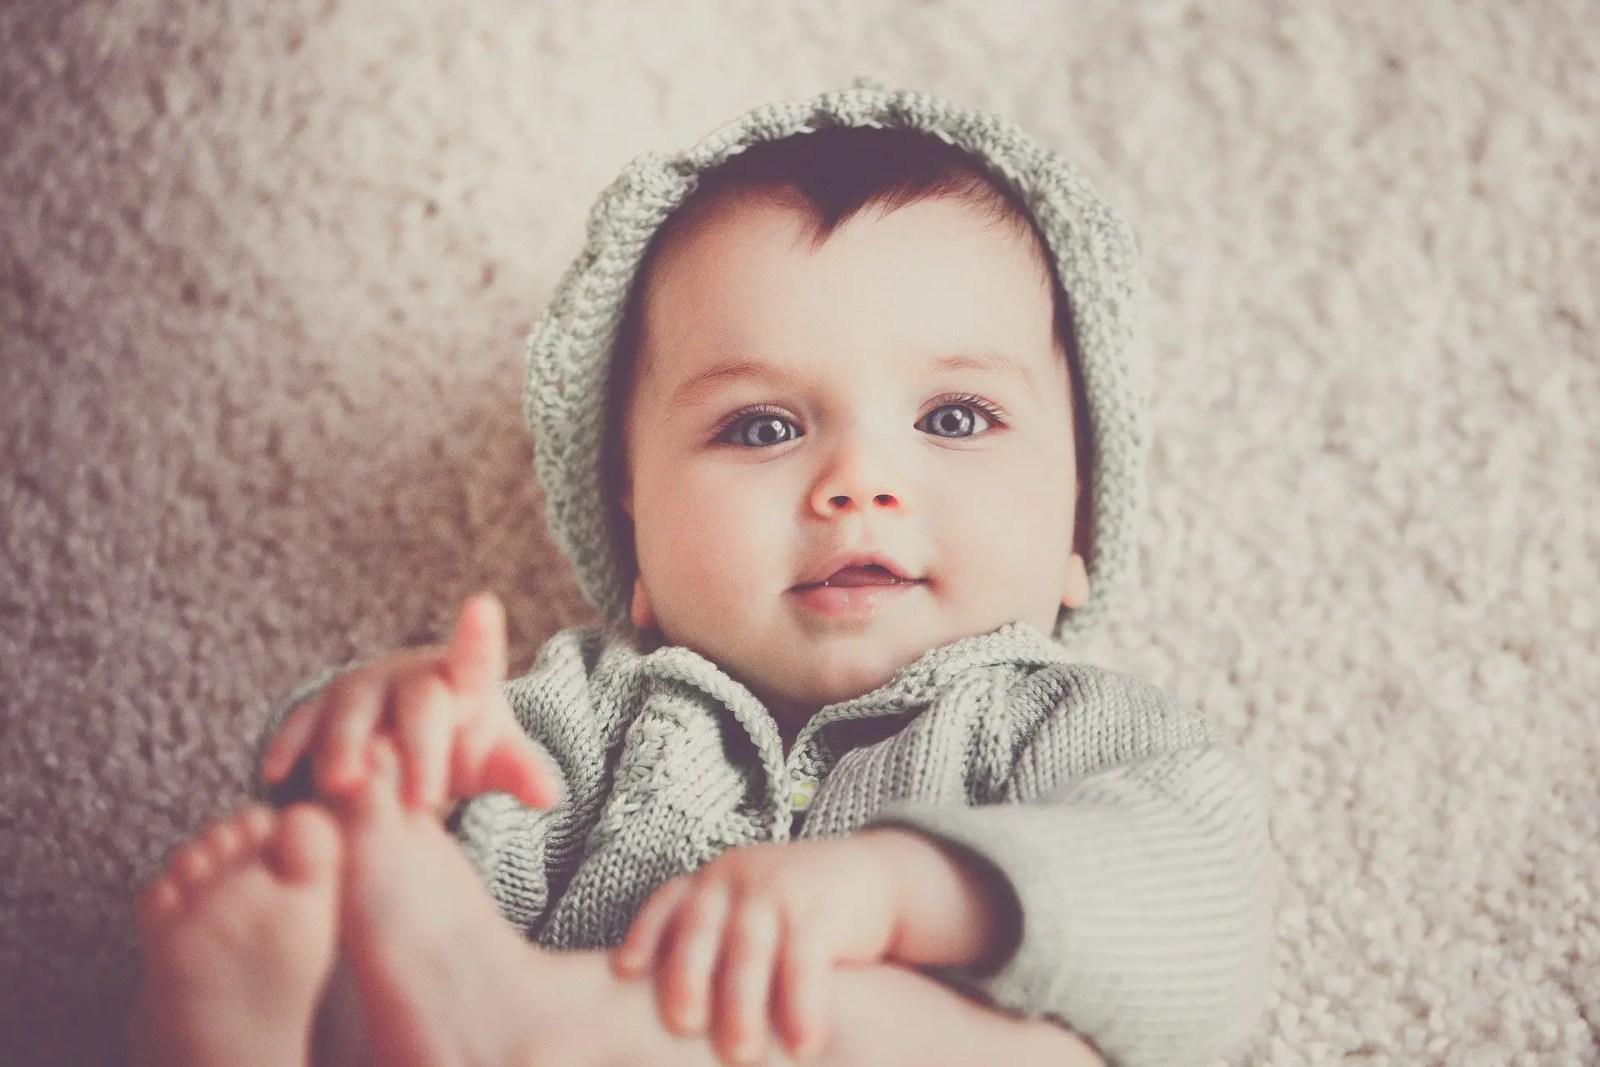 bebe sonriente tomando sus pies